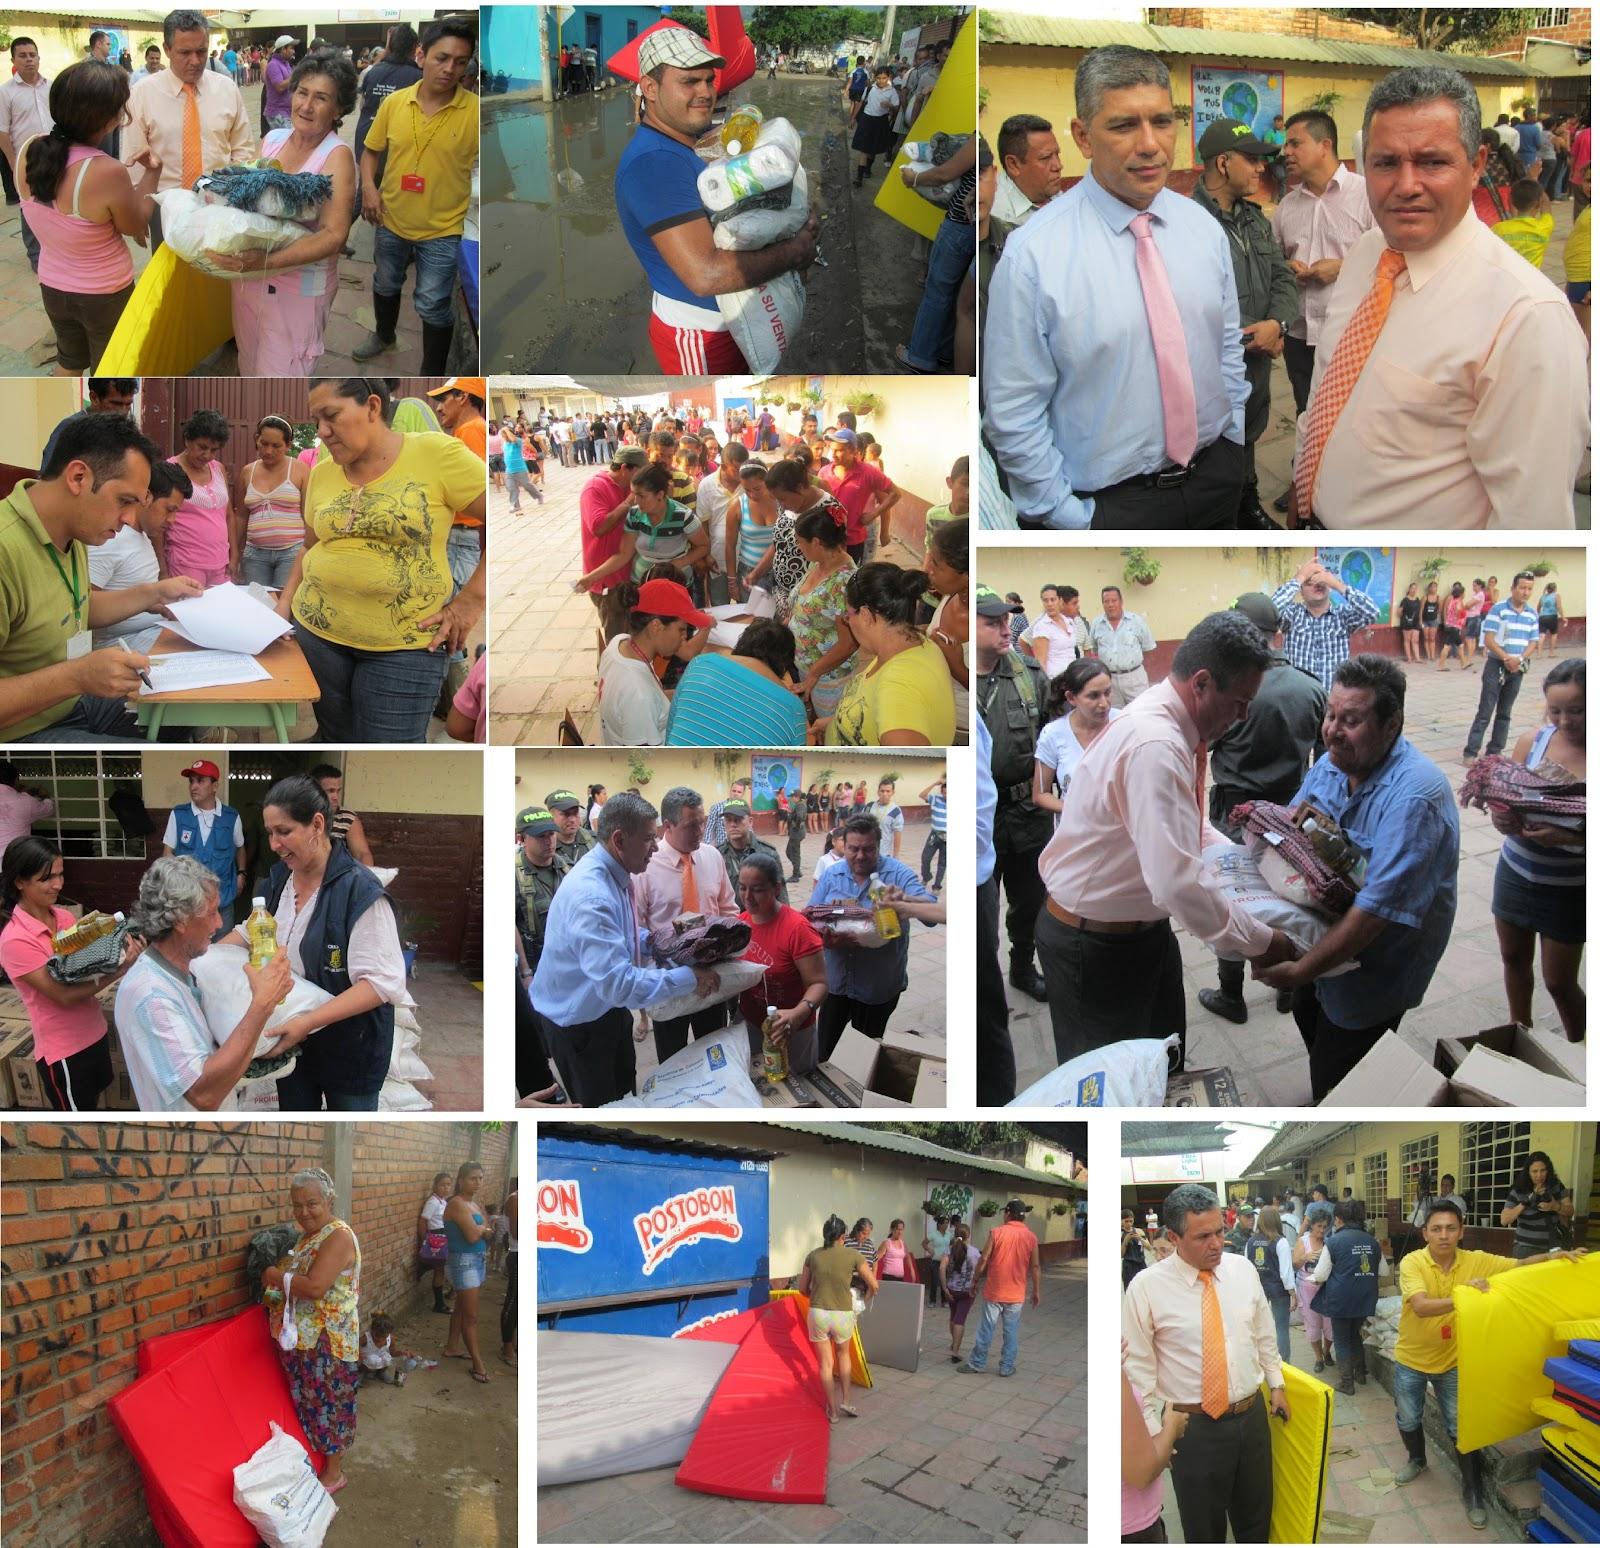 Las noticias de villa del rosario y la frontera 29 04 12 for Oficina ola santander